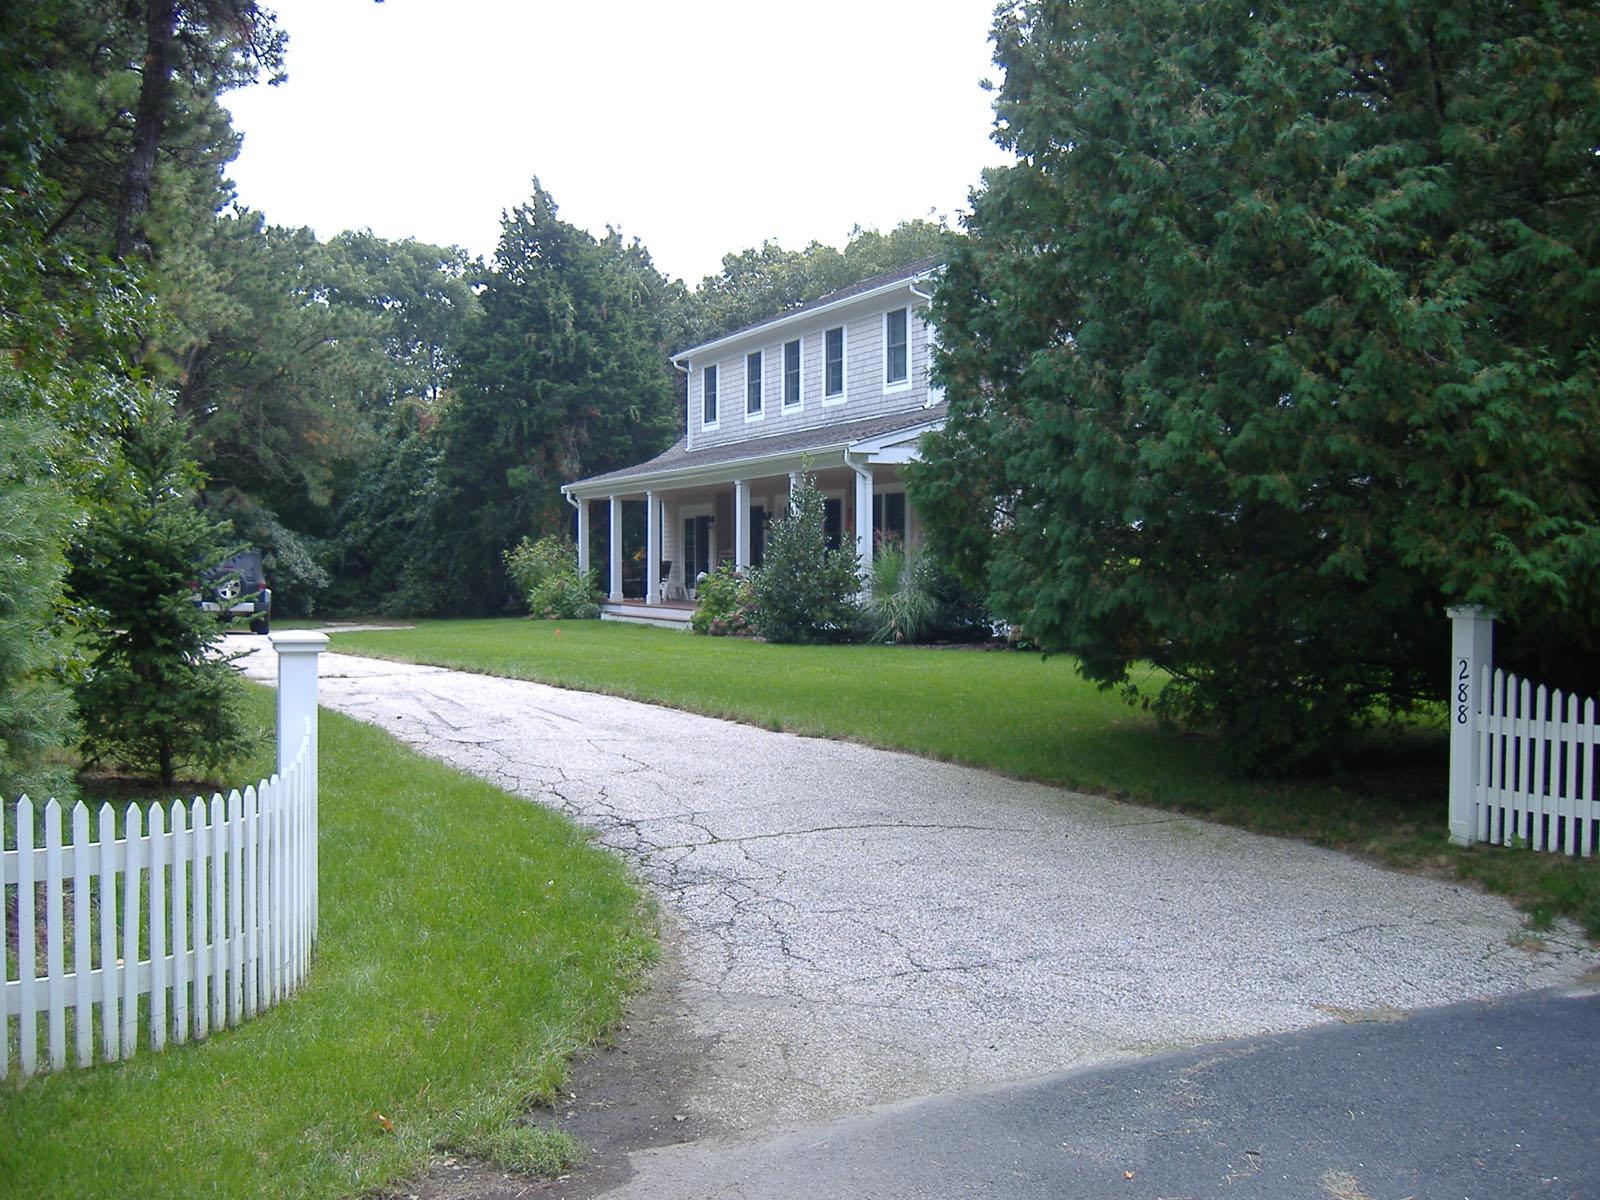 Maison unifamiliale pour l Vente à GREAT FAMILY HOME 288 Shore Drive New Seabury, Massachusetts, 02649 États-UnisDans/Autour: Mashpee